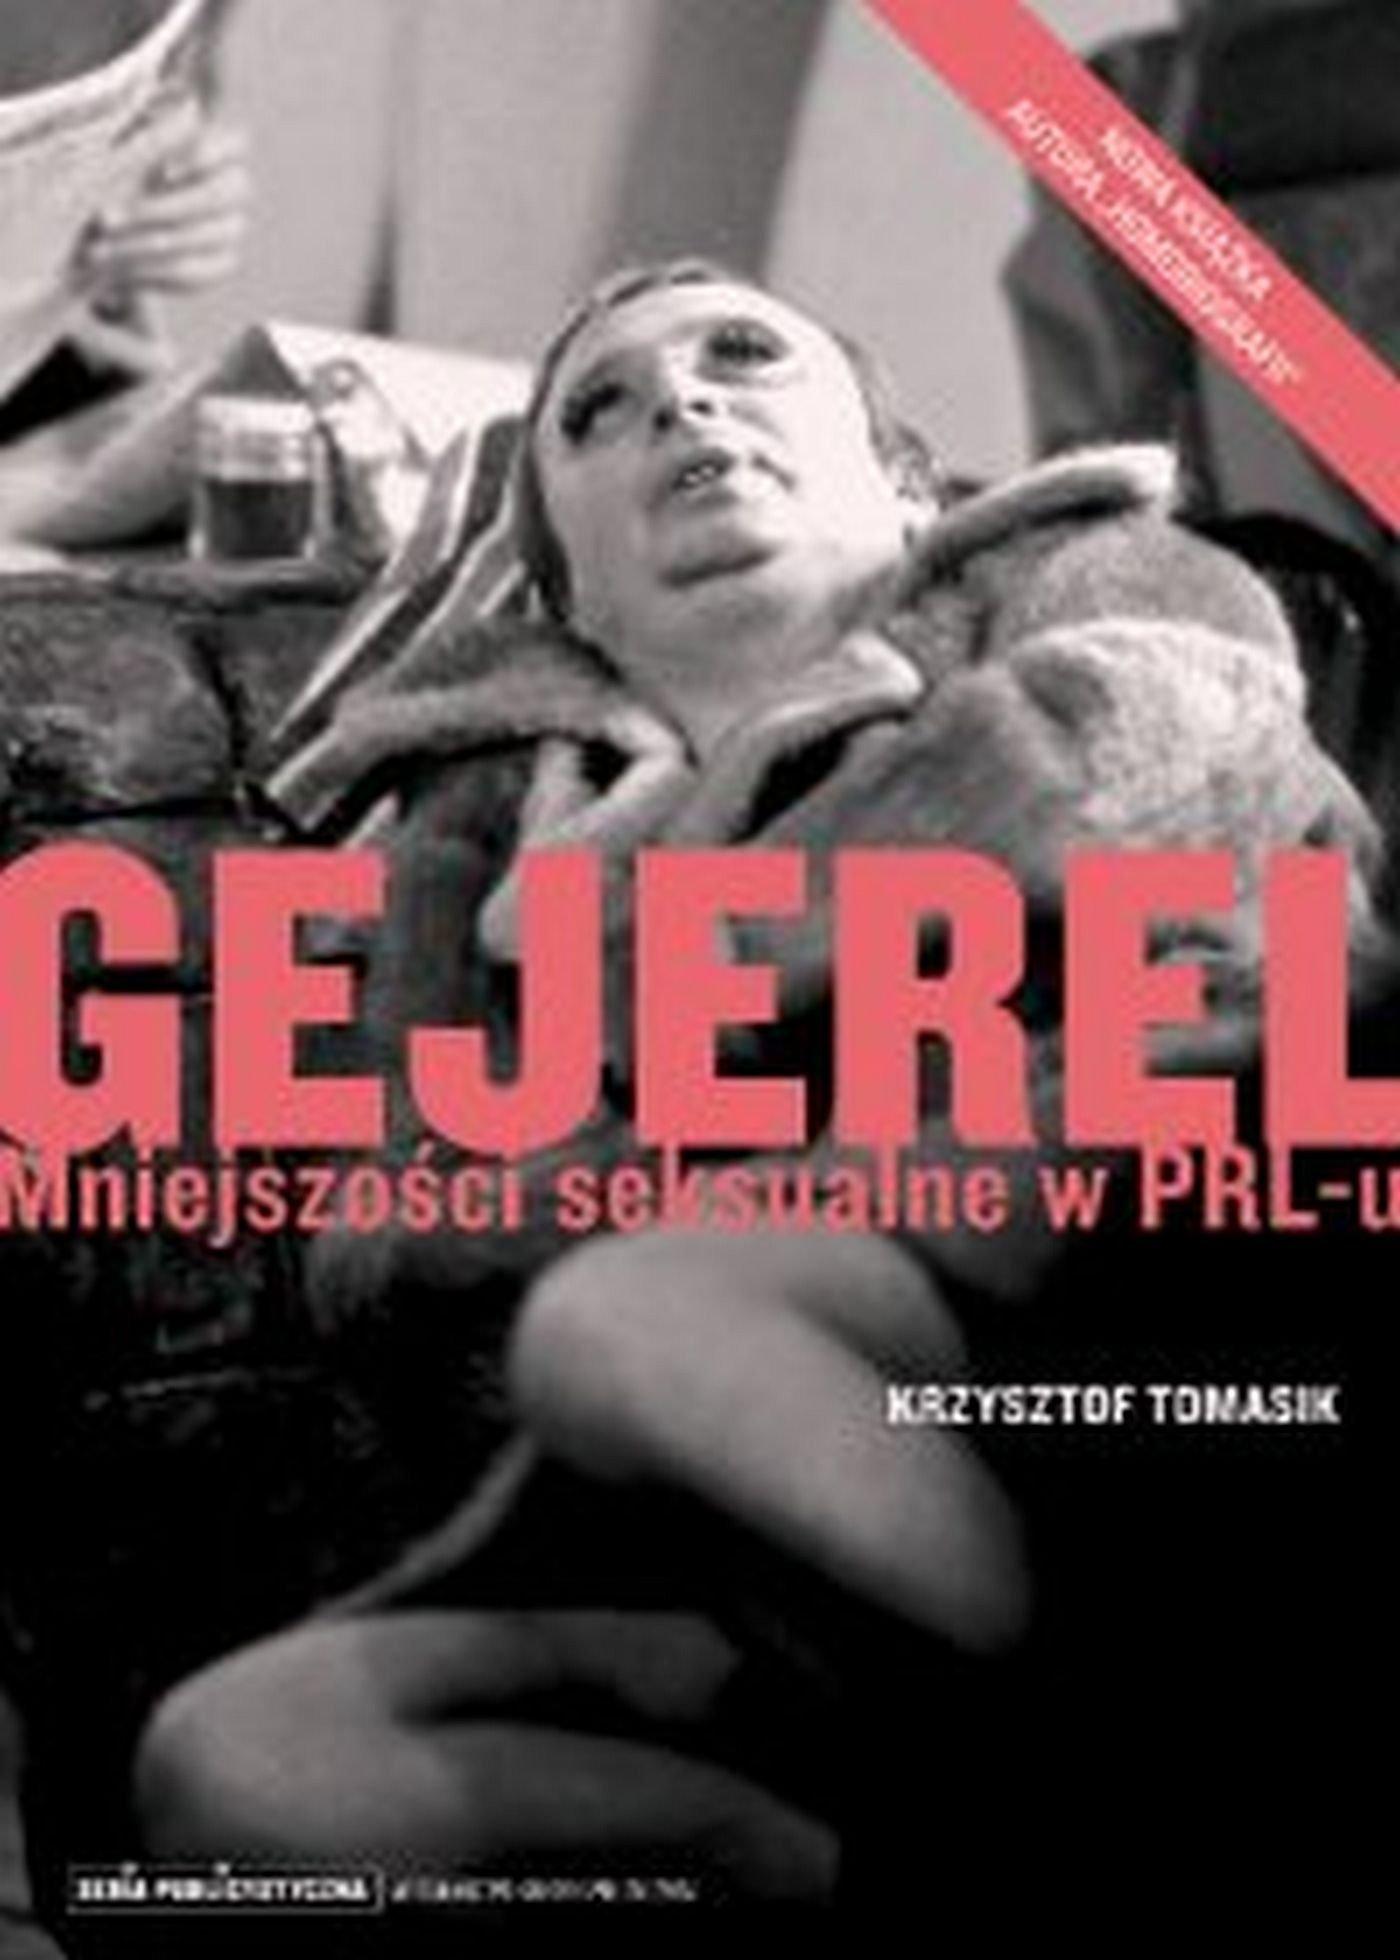 Gejerel. Mniejszości seksualne w PRL-u - Ebook (Książka EPUB) do pobrania w formacie EPUB